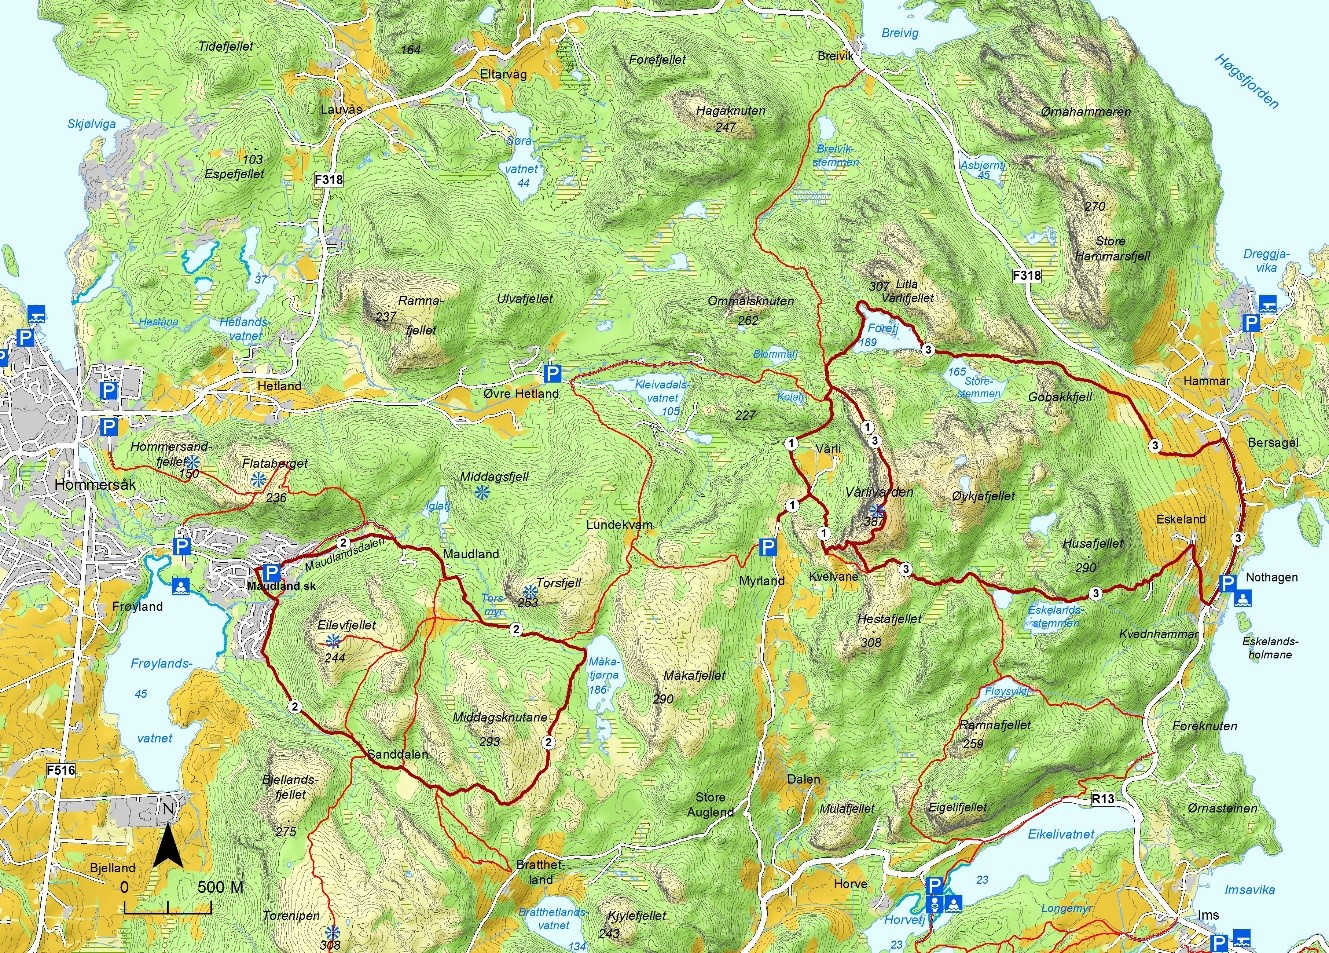 kart over sandnes Sandnes kommune   Turmuligheter kart over sandnes